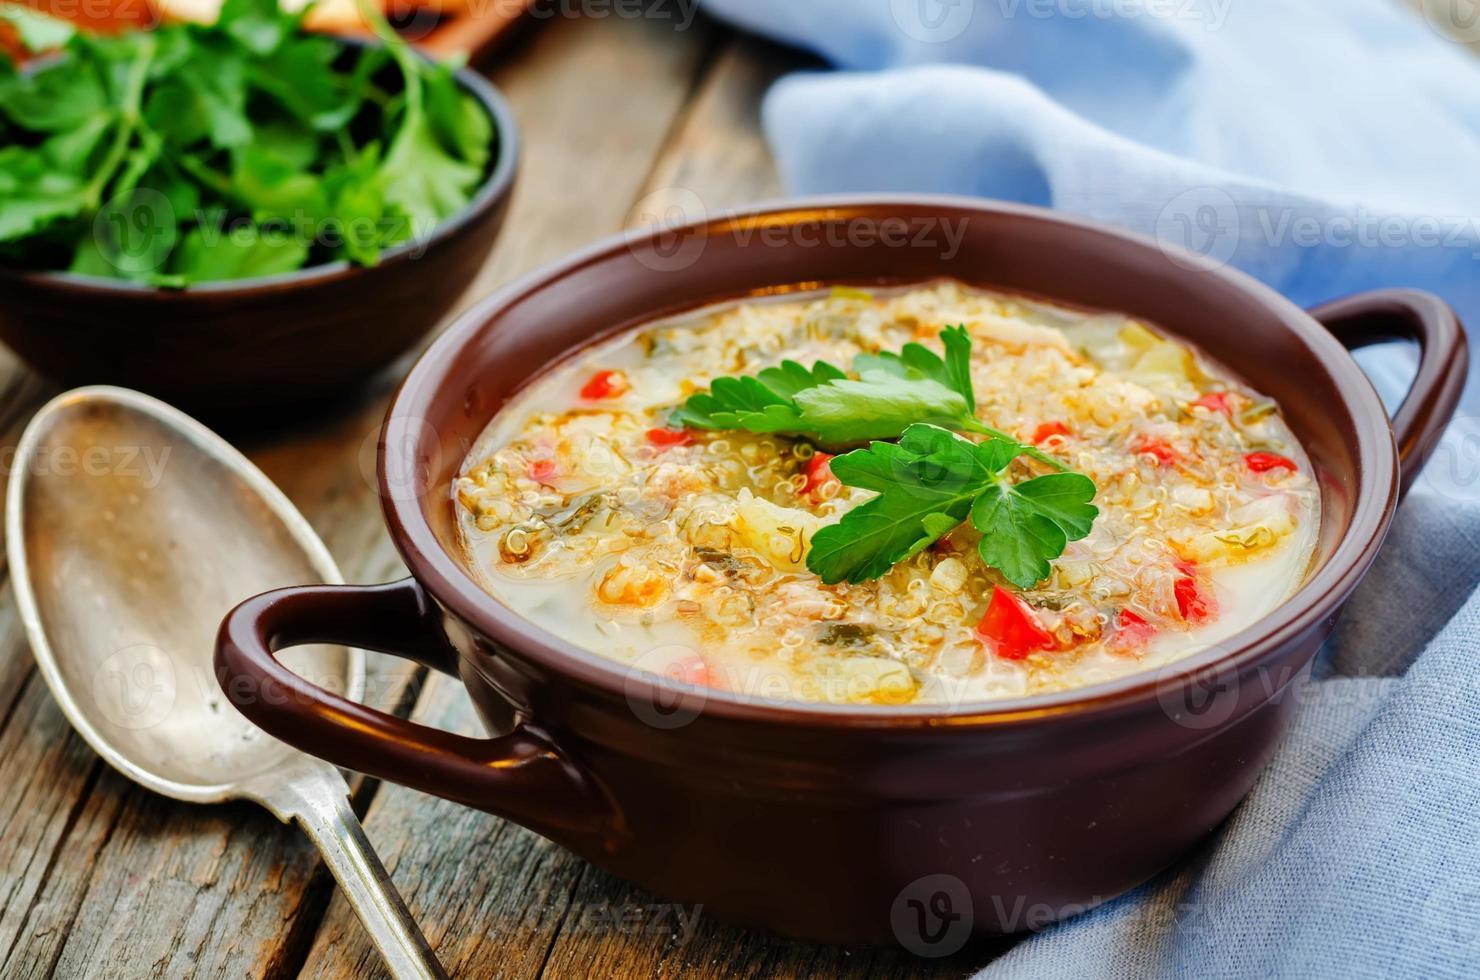 sopa de leche con papas, quinua y pimientos foto